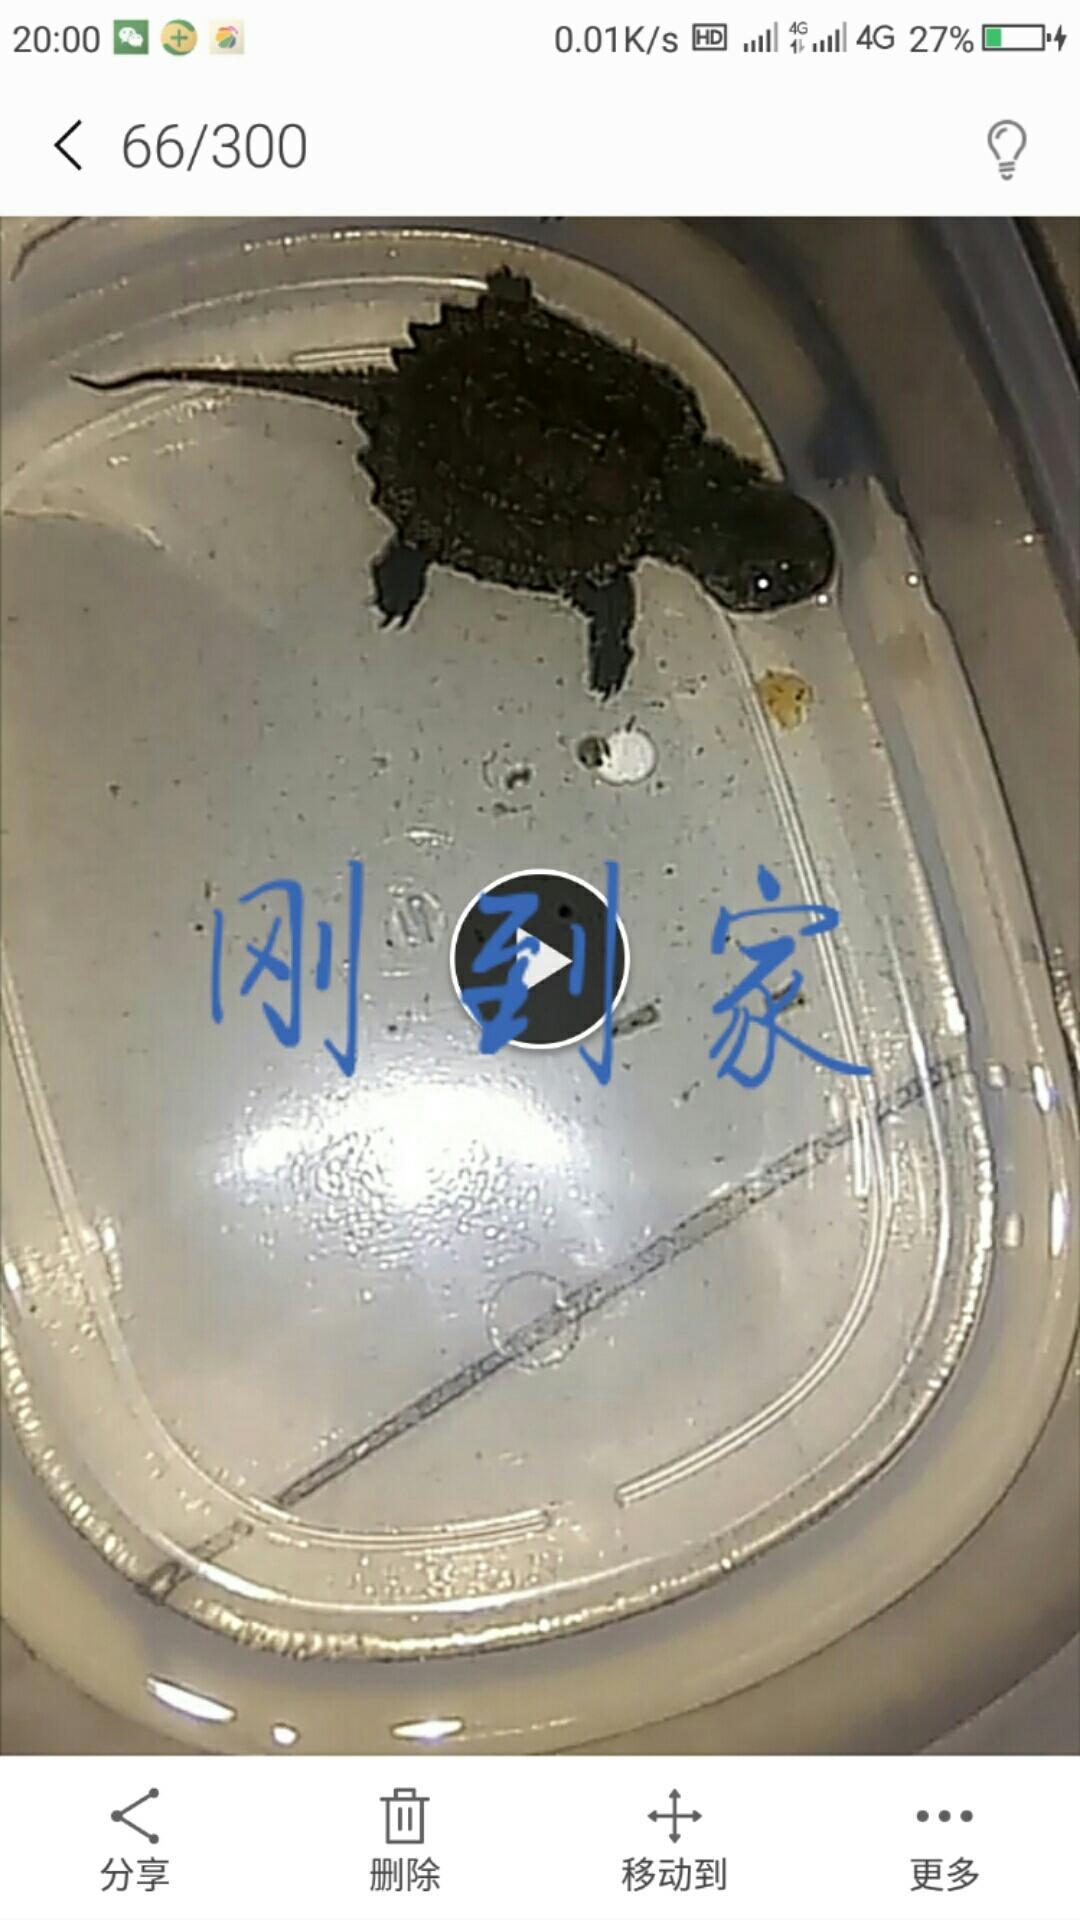 【西安魟鱼】长得有一点点快 西安观赏鱼信息 西安博特第1张